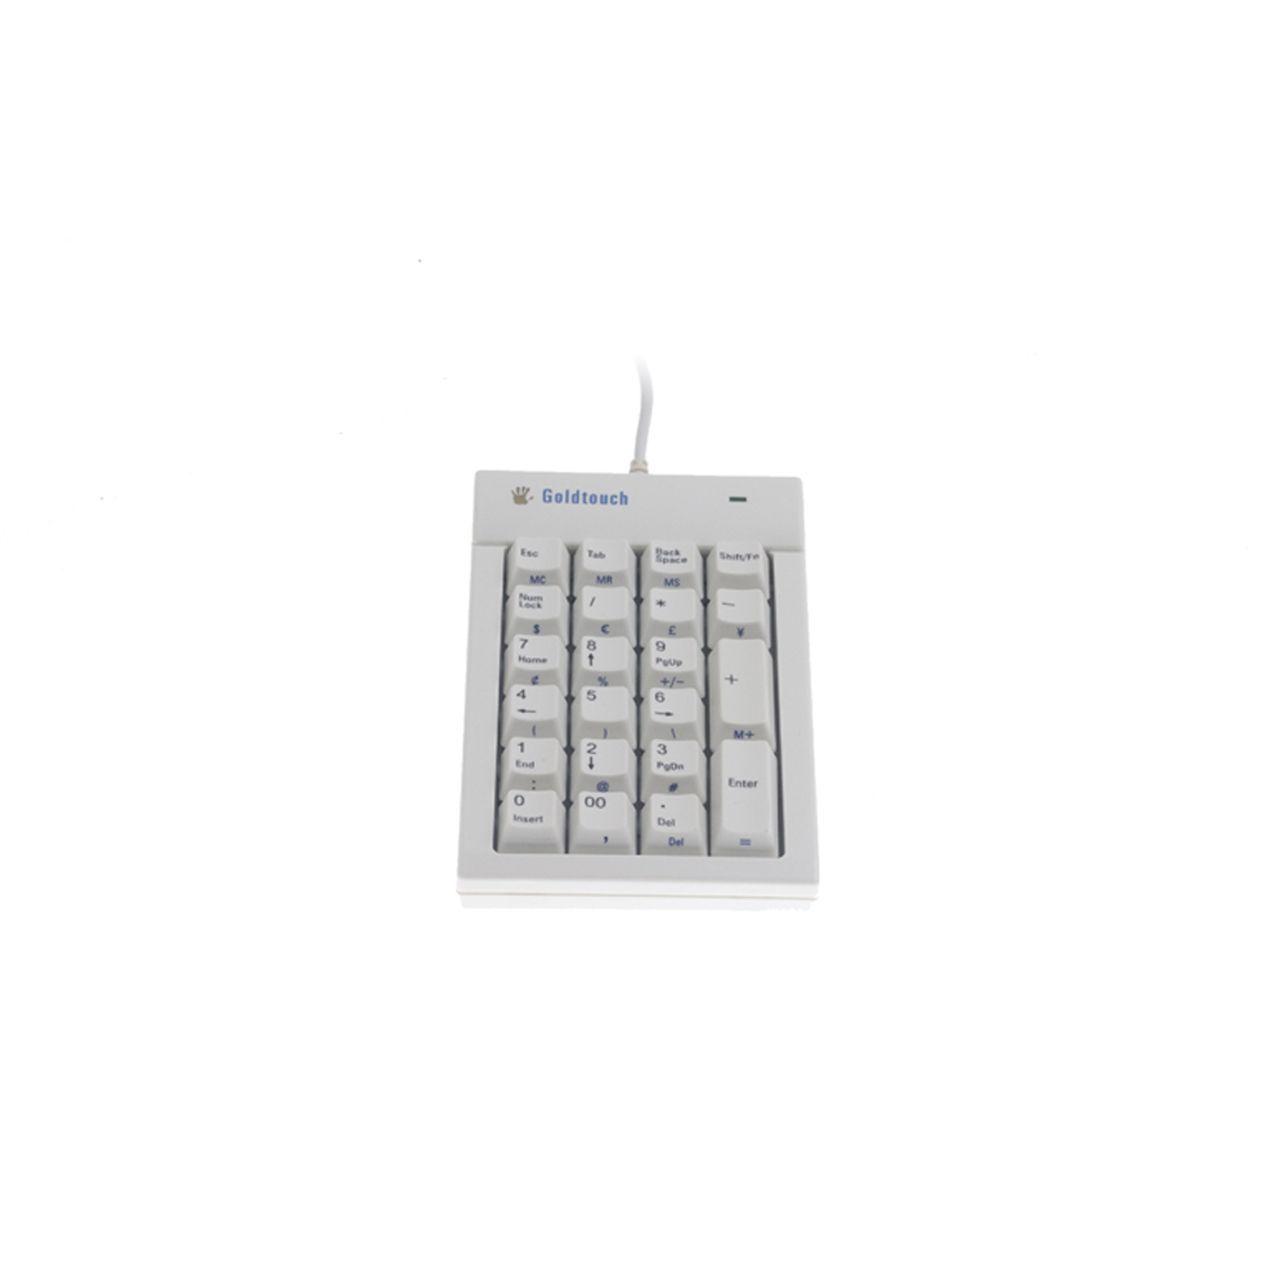 goldtouch nummeriek toetsenbord bedraad ERKAGOI301 Voorkant Wit